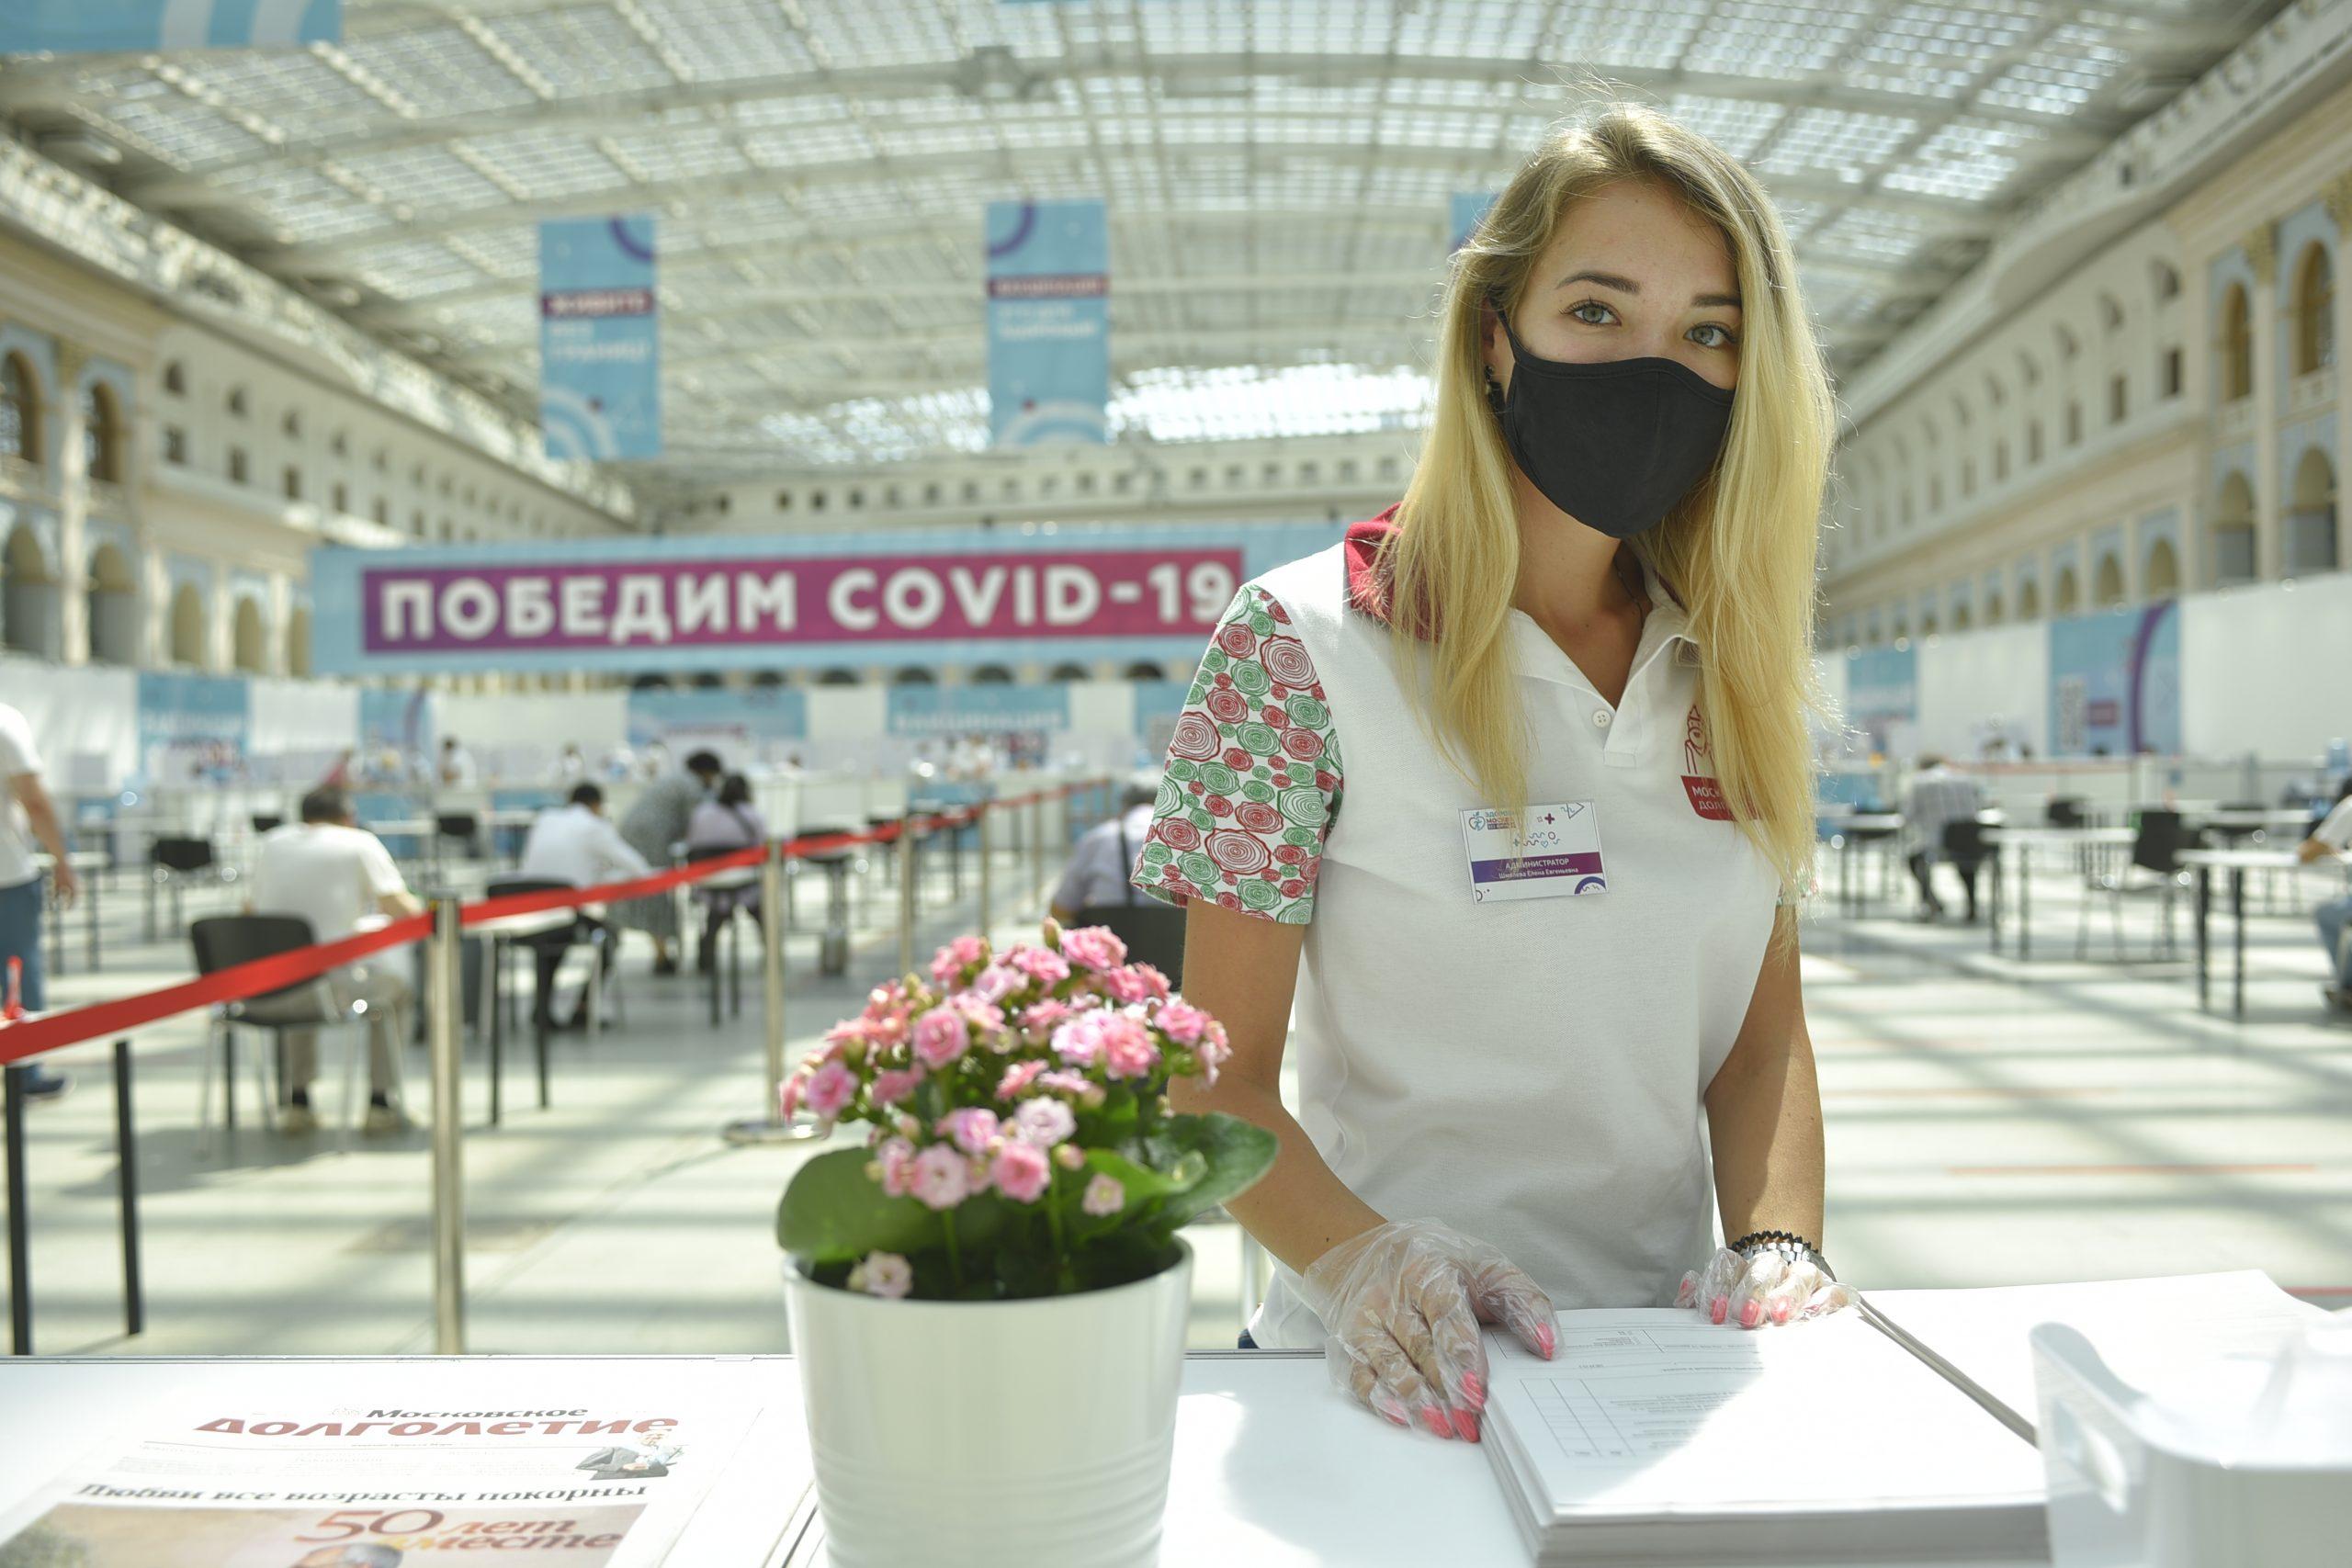 За последние сутки в России зарегистрировали 23 239 случаев заражения коронавирусной инфекцией